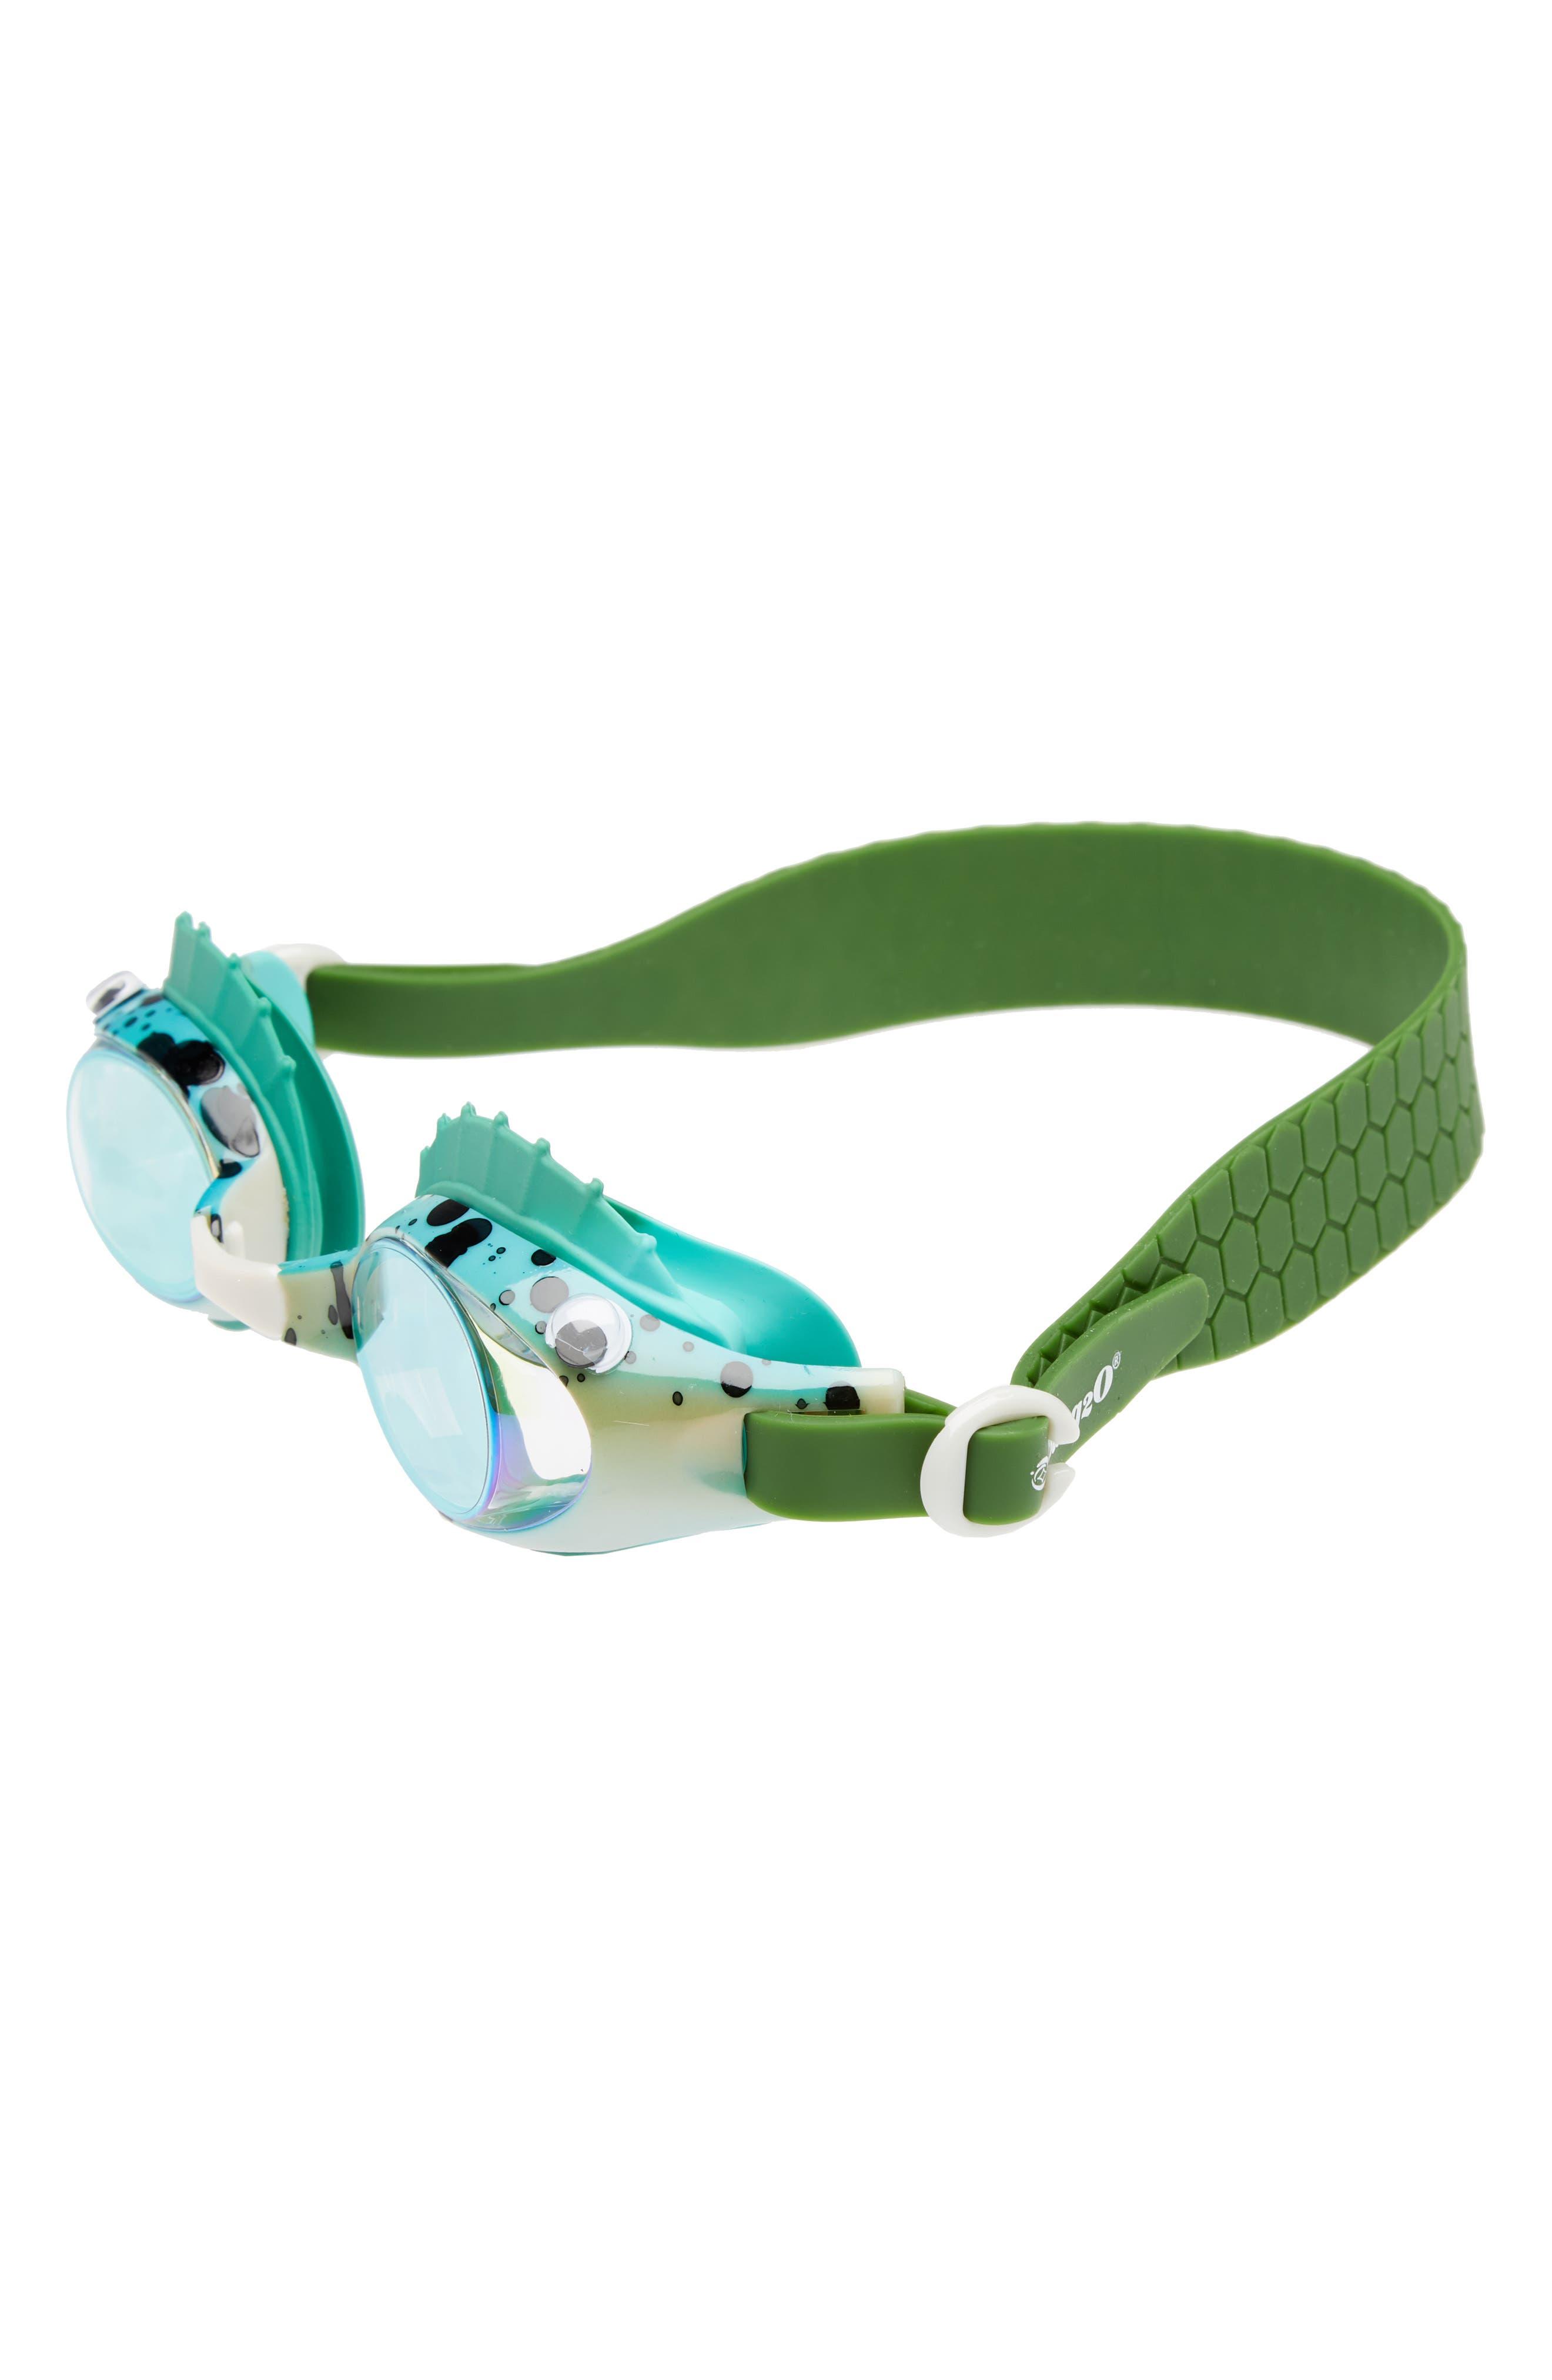 Lizard Swim Goggles,                         Main,                         color, 300